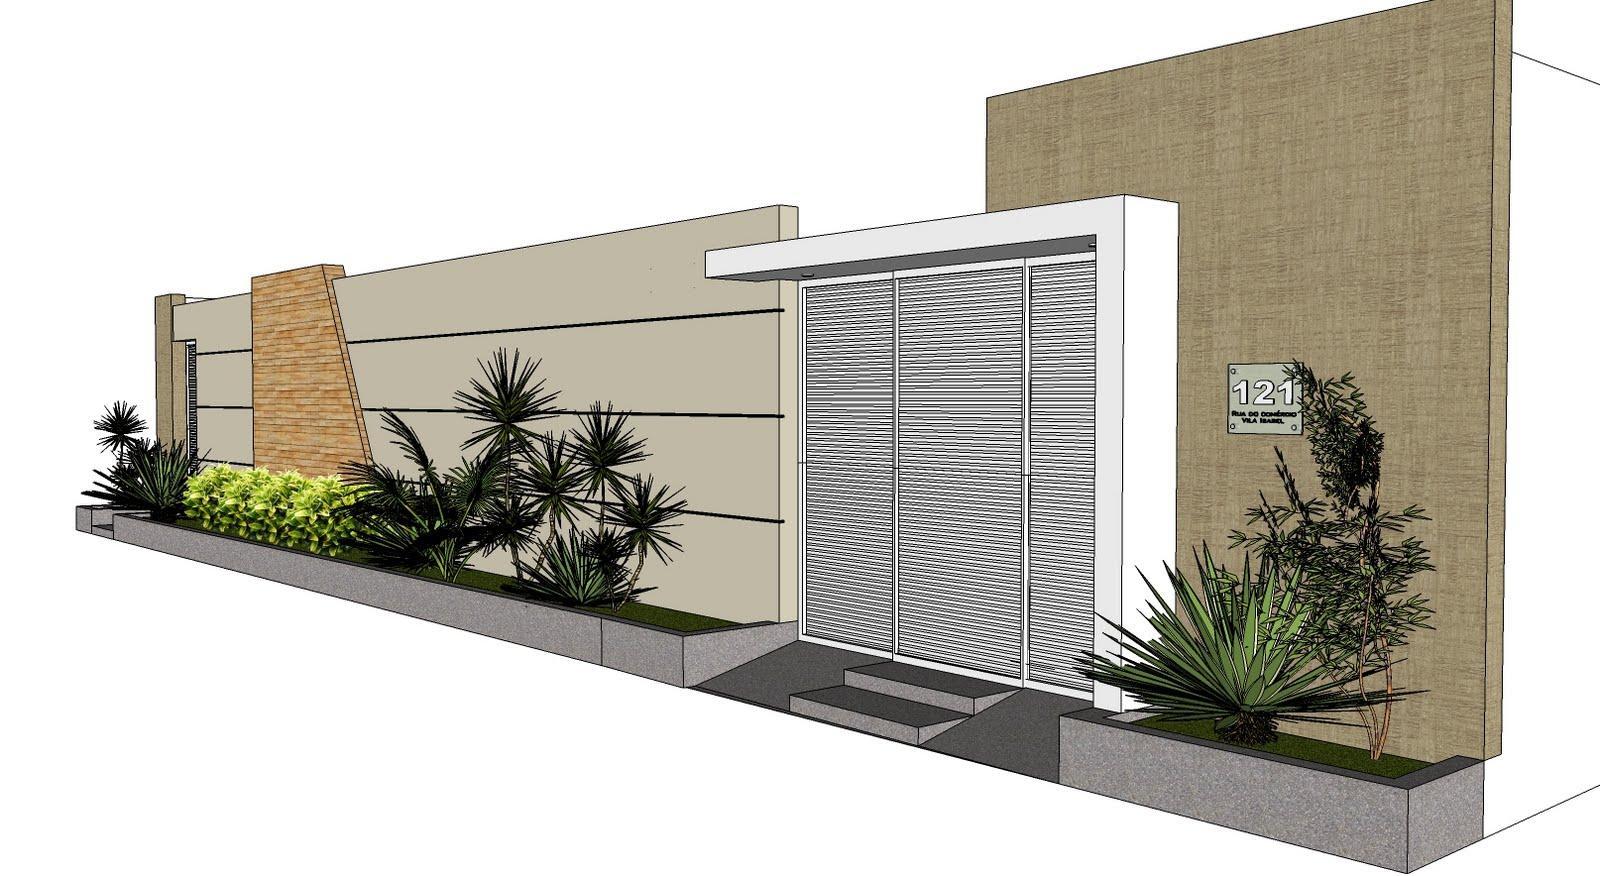 60 modelos de muros residenciais fachadas fotos e dicas for Fachadas de almacenes modernos